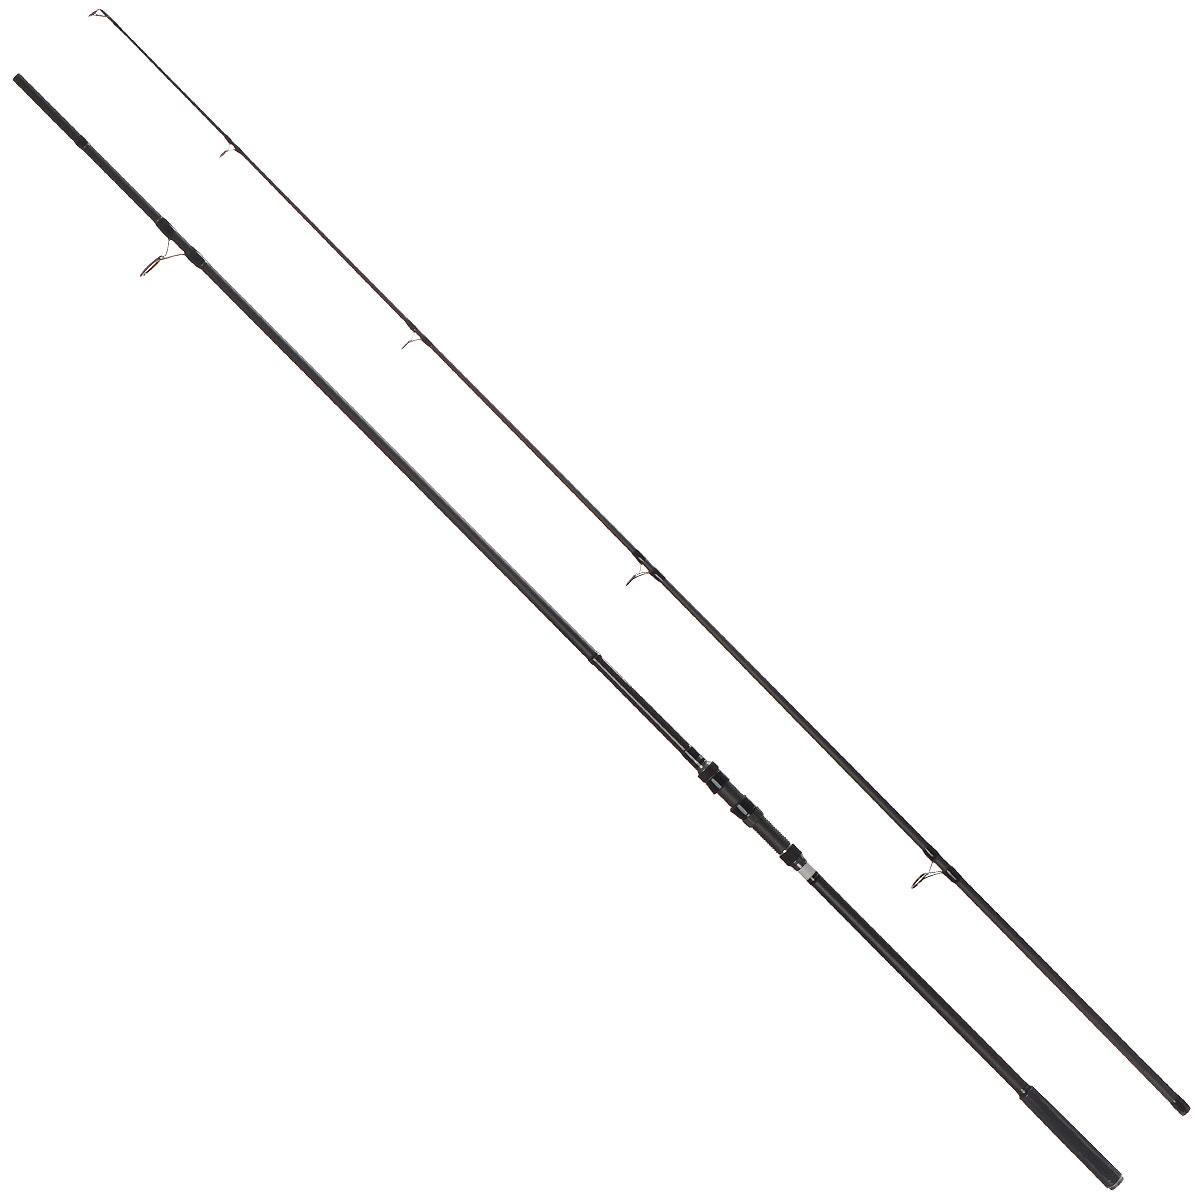 Удилище карповое Daiwa Windcast Carp, 3,6 м, 4,5 lbs0023293Daiwa Windcast Carp - это высококлассное карповое удилище с феноменальными рабочими характеристиками. Особенности удилища: Бланки из высокомодульного графита обеспечивают высокую чувствительность и мощность. Армирующая графитовая оплетка по всей длине. Надежный катушкодержатель от Fuji Пропускные кольца со вставками Sic. Флуоресцентная полоска с подсветкой специально для ночной ловли. Поставляется в чехле для переноски и хранения. Тест: 4,5 lbs.